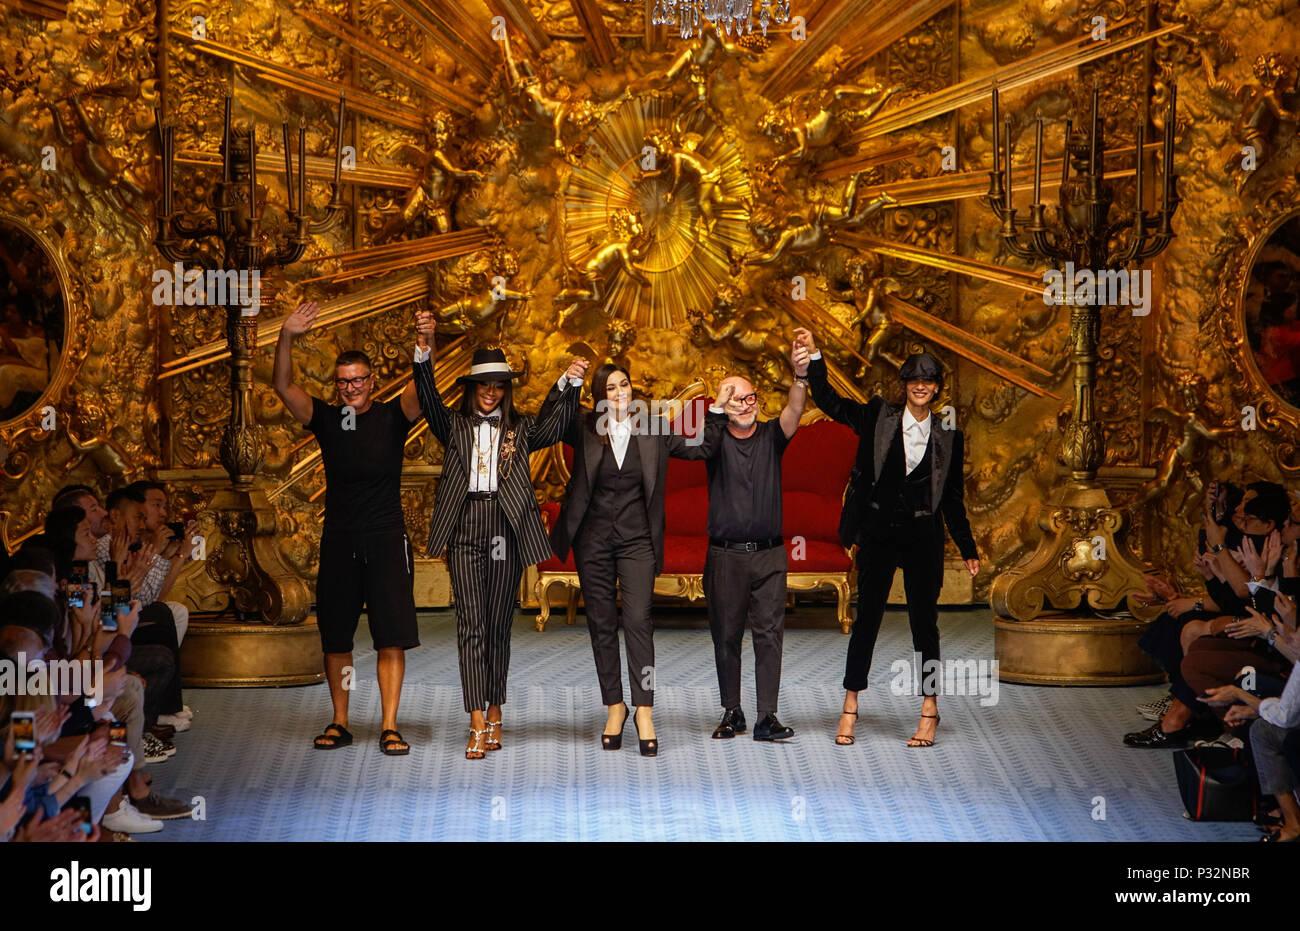 ba798416081690 Dolce Gabbana Mens Fashion Week Imágenes De Stock & Dolce Gabbana ...